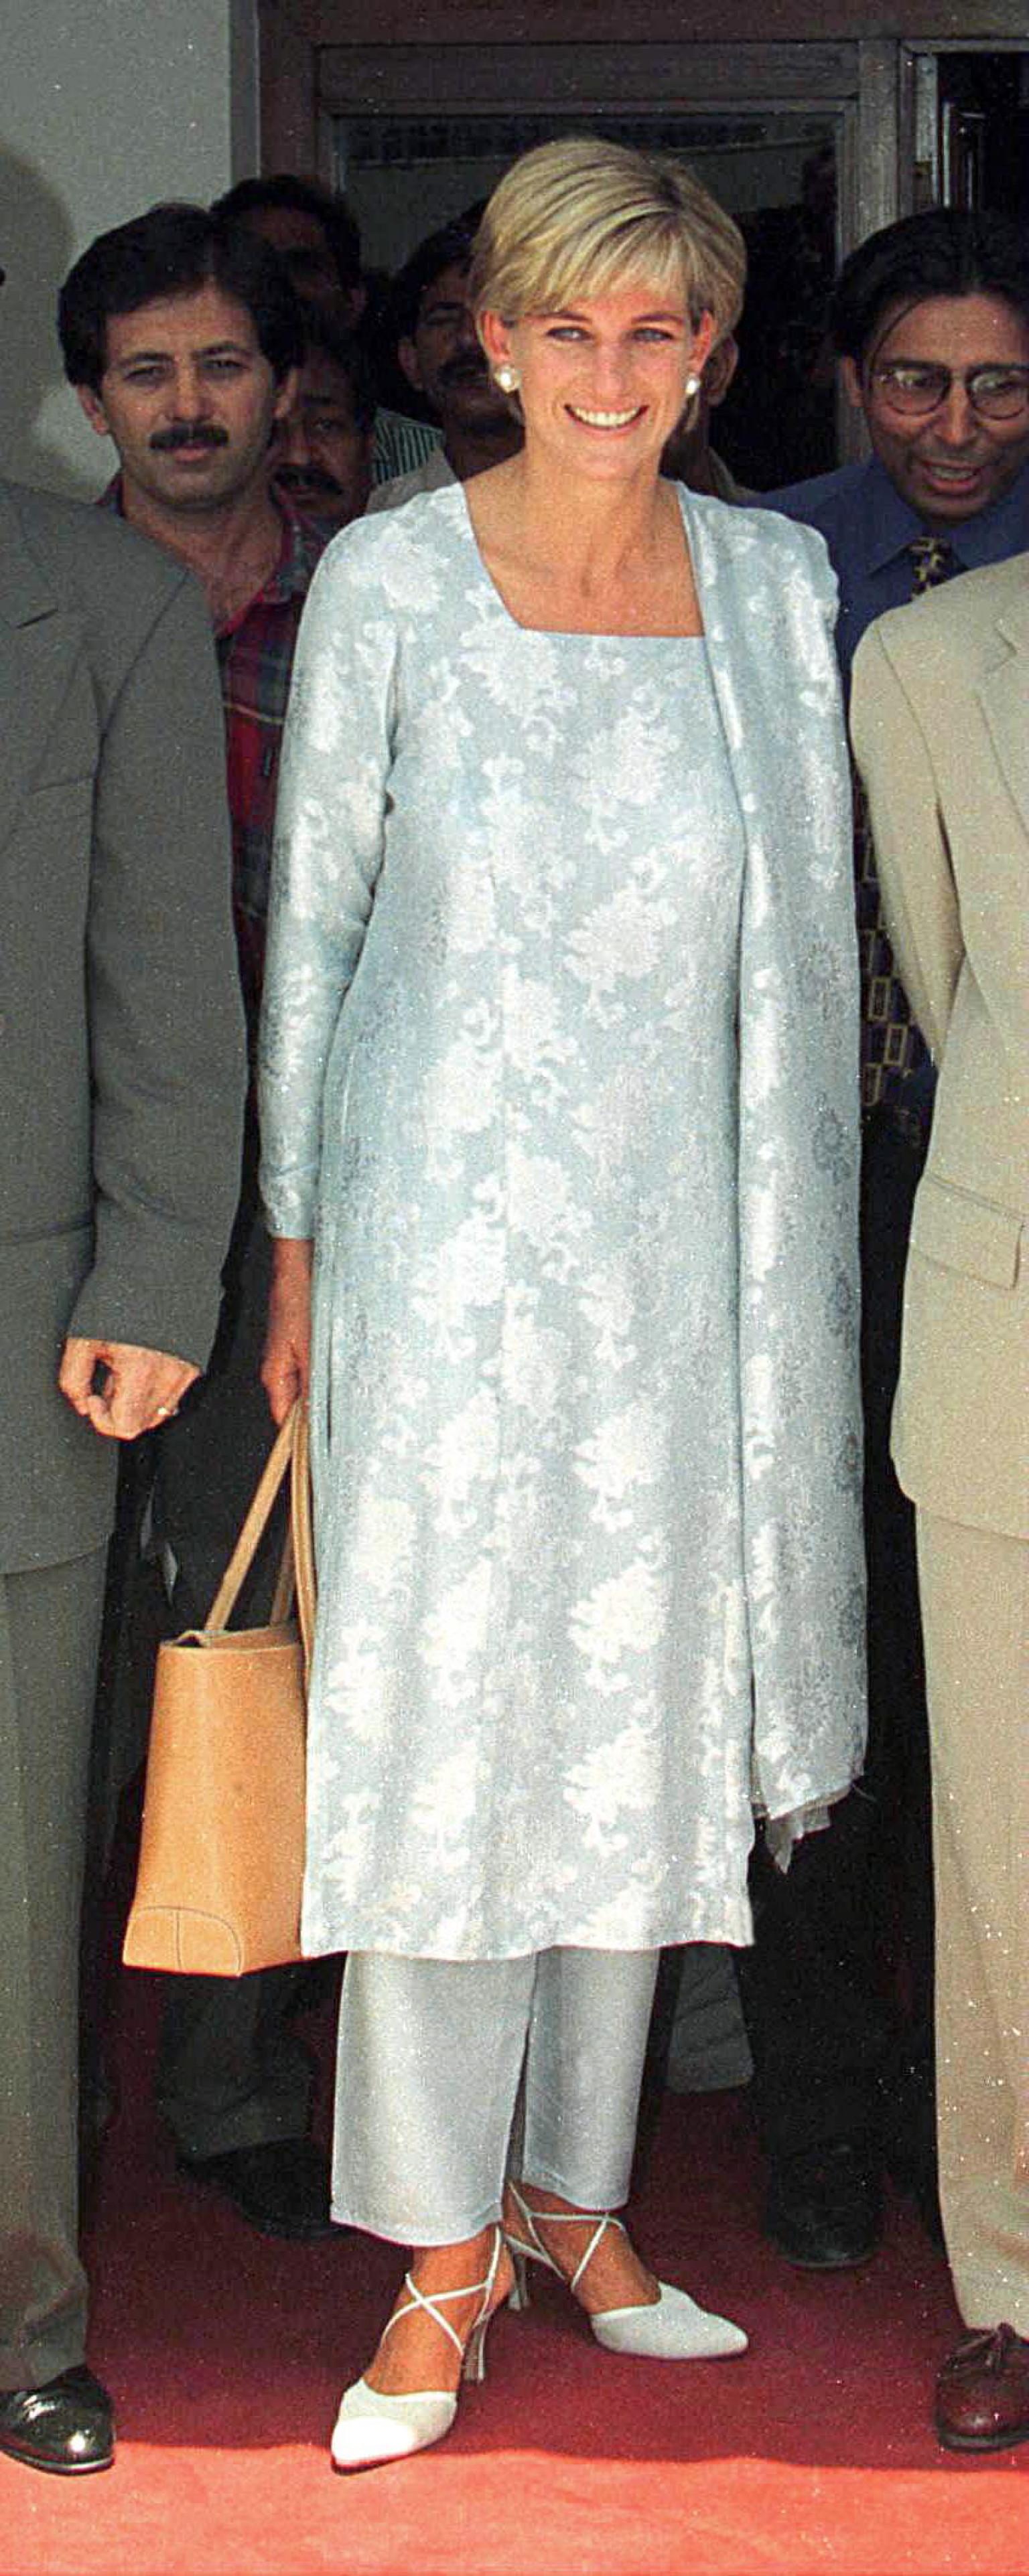 Princess Diana S Tod S Bag To Make Cameo In Upcoming